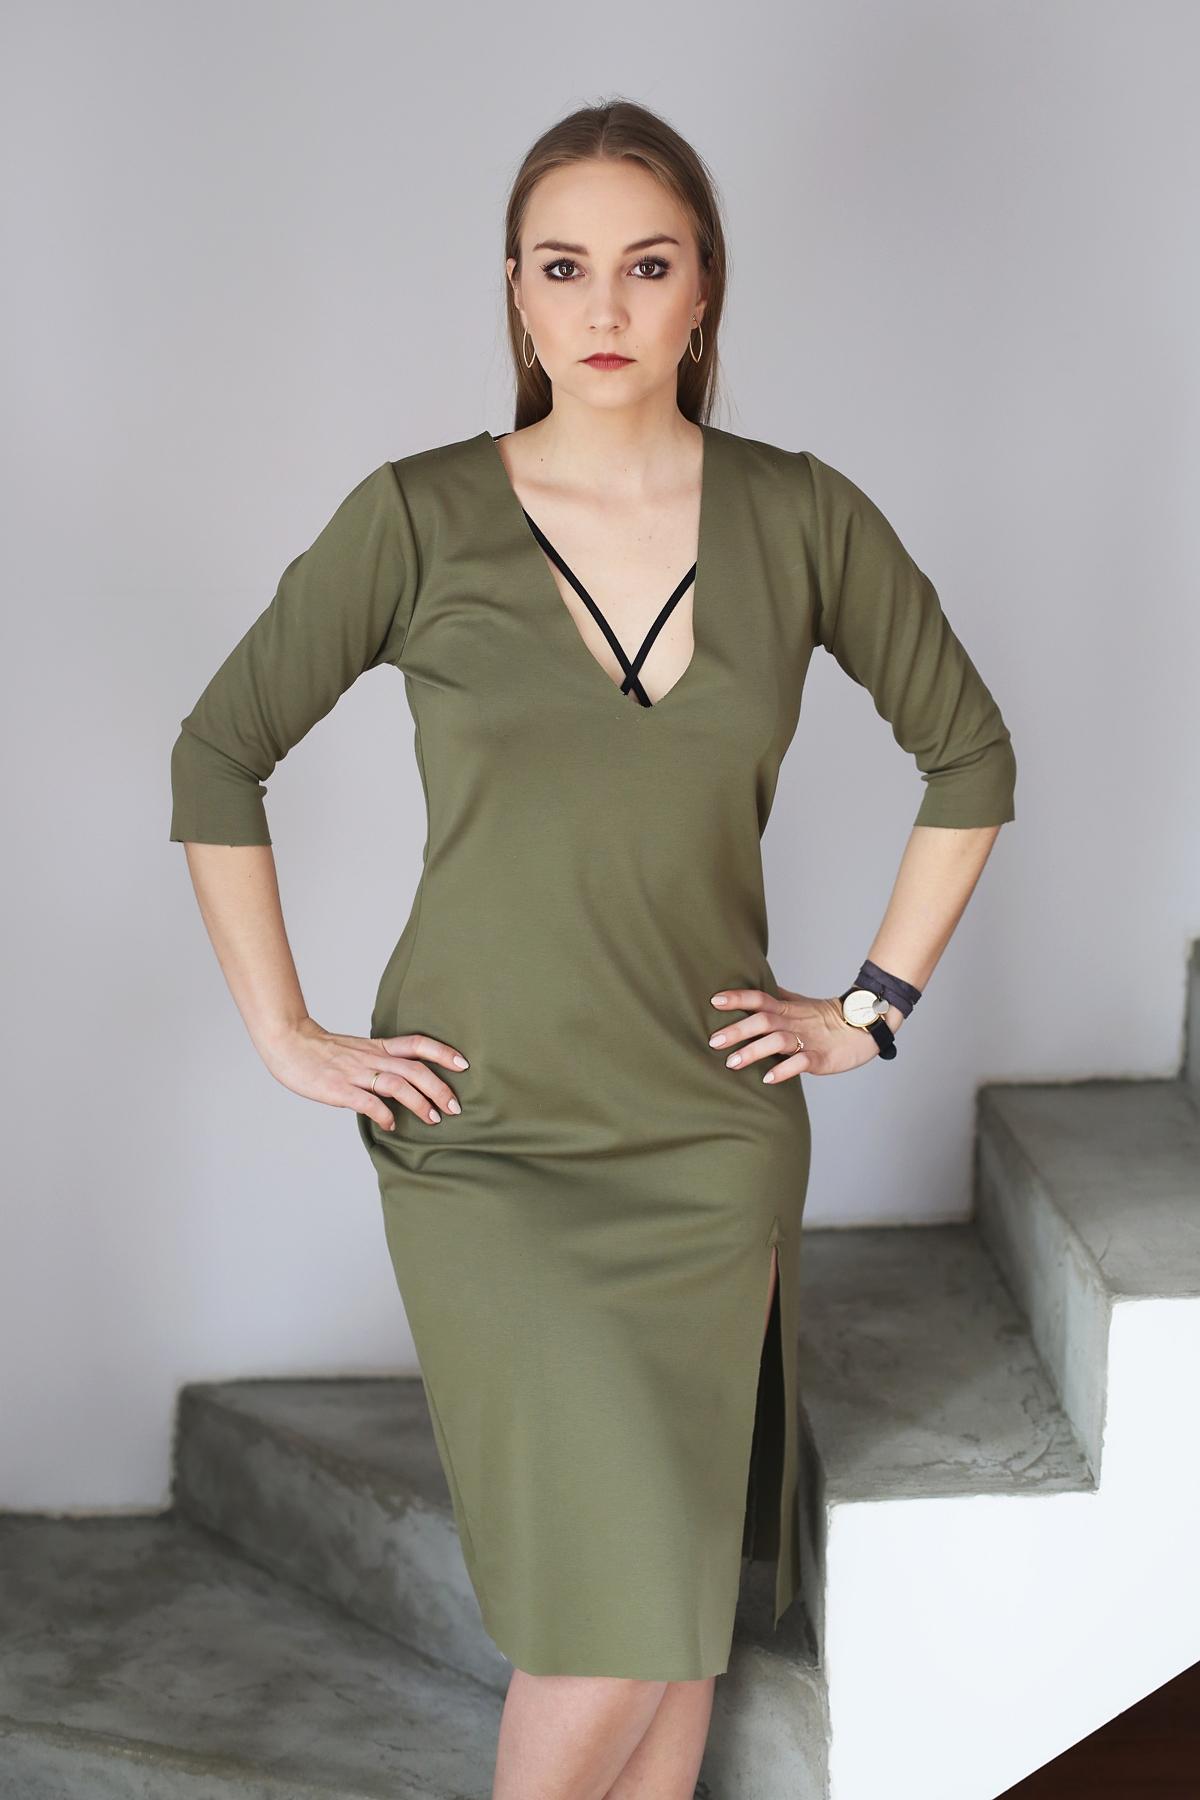 Stylowe Dziewczyny - oliwkowa sukienka, biustonosz z paskami i buty mule